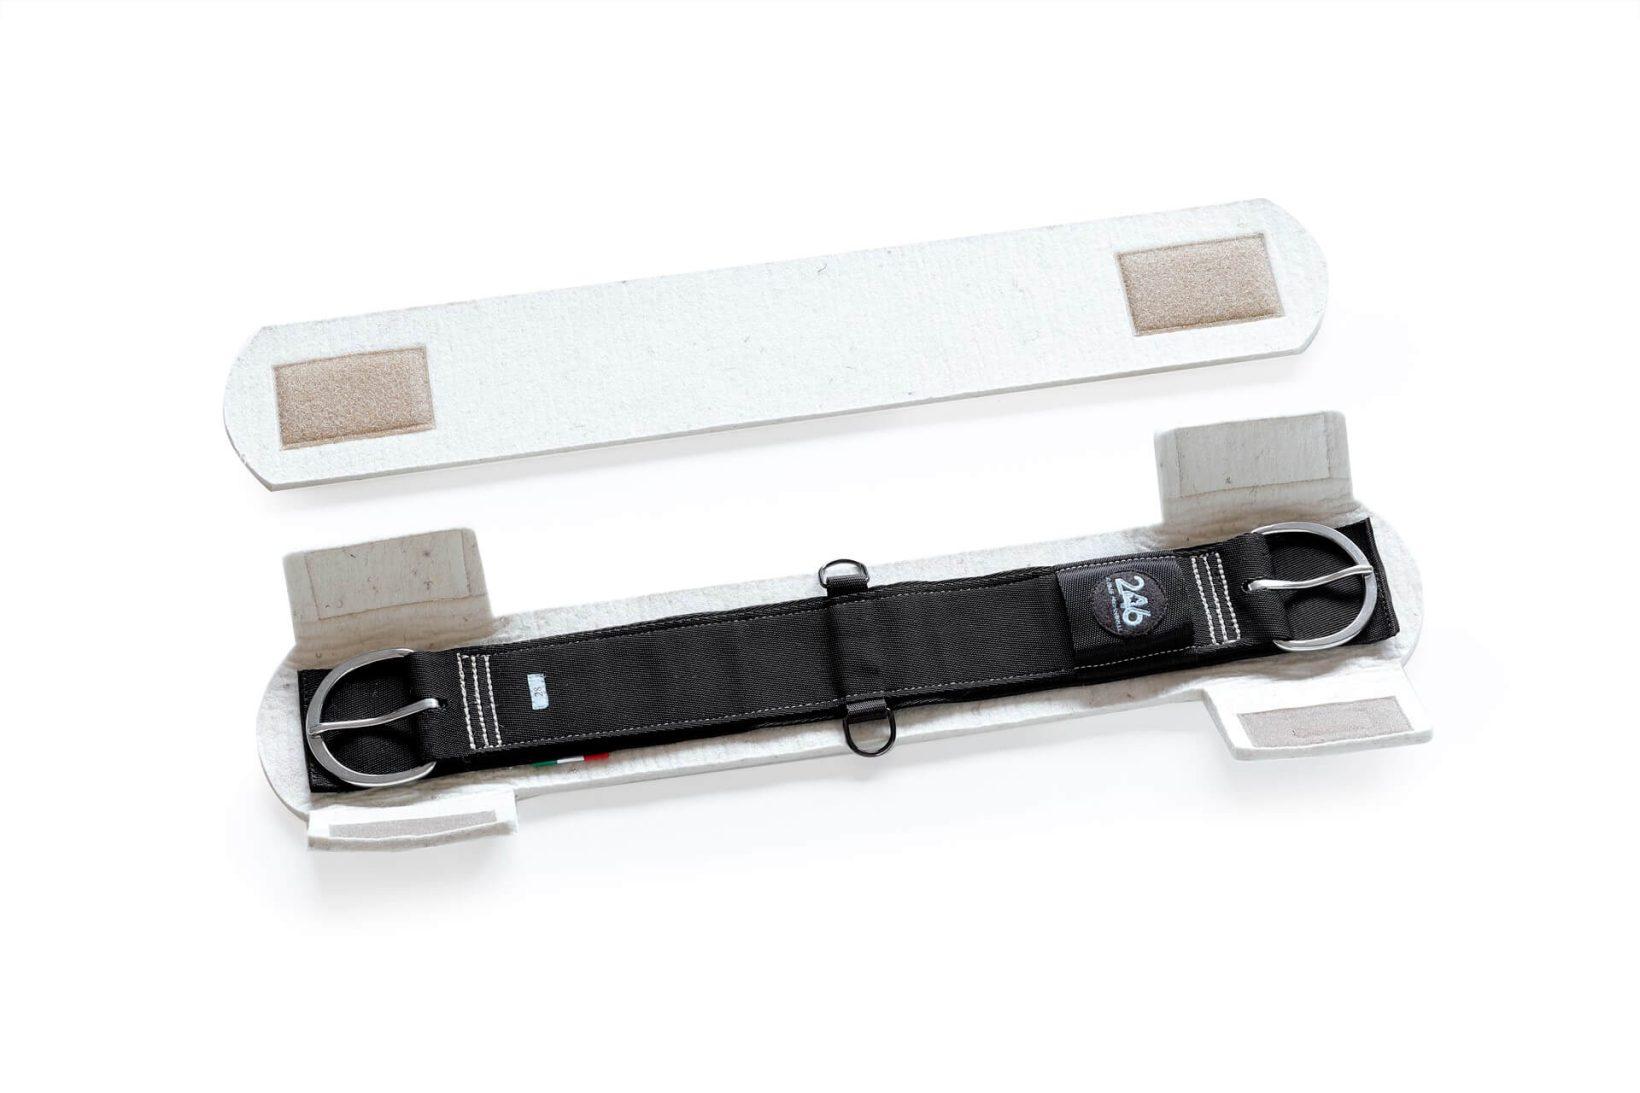 Sottopancia grigio per cavallo in lana, nylon con fibbia in acciaio inox   246 Reiner Professional